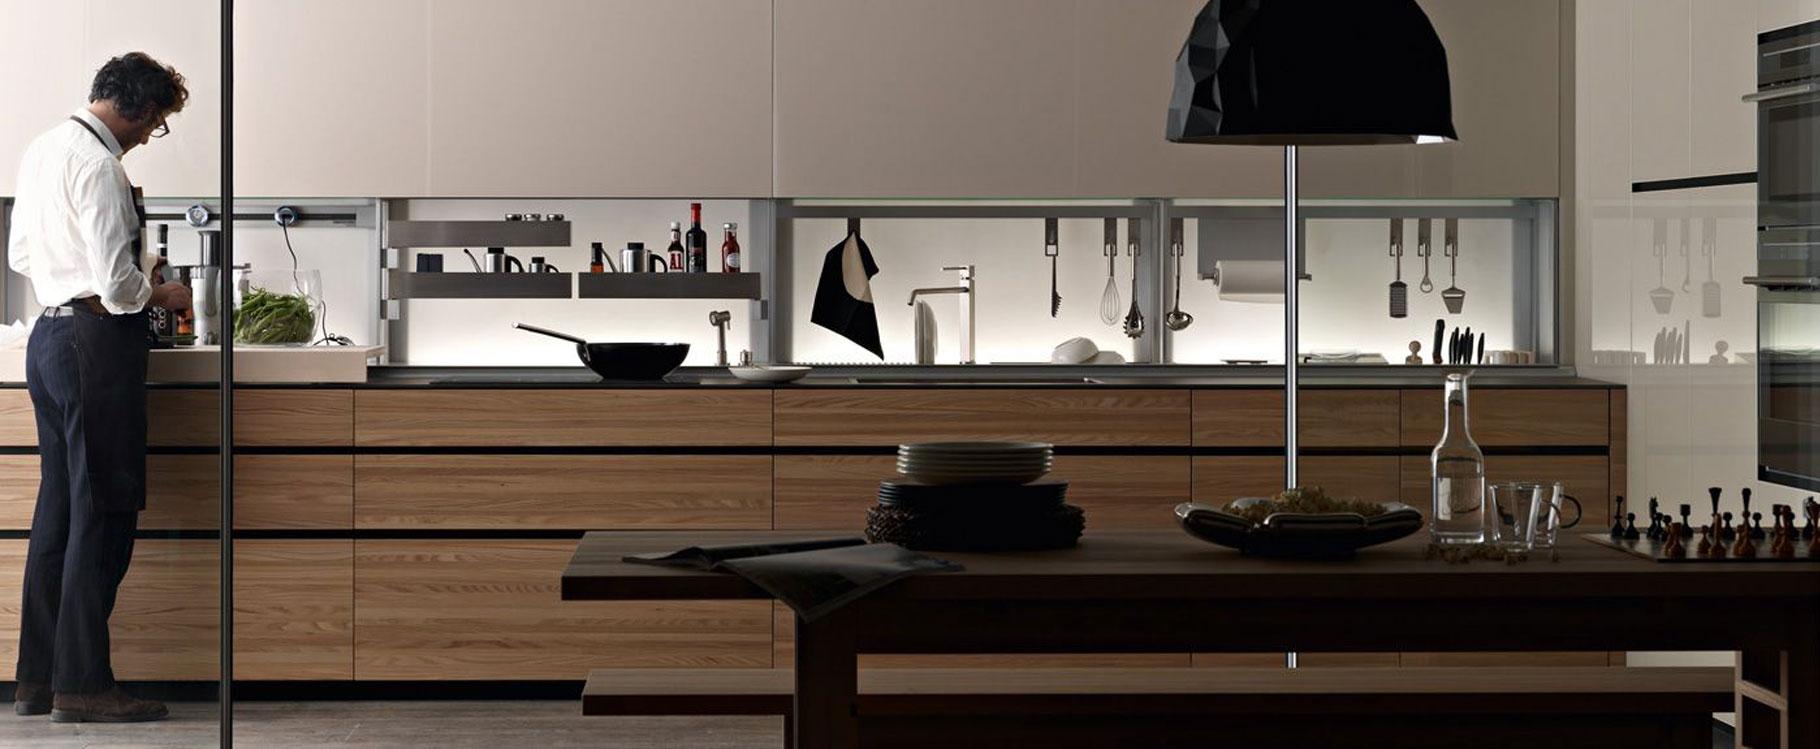 Cucine legno Saronno, Rivenditori Cucina legno Saronno